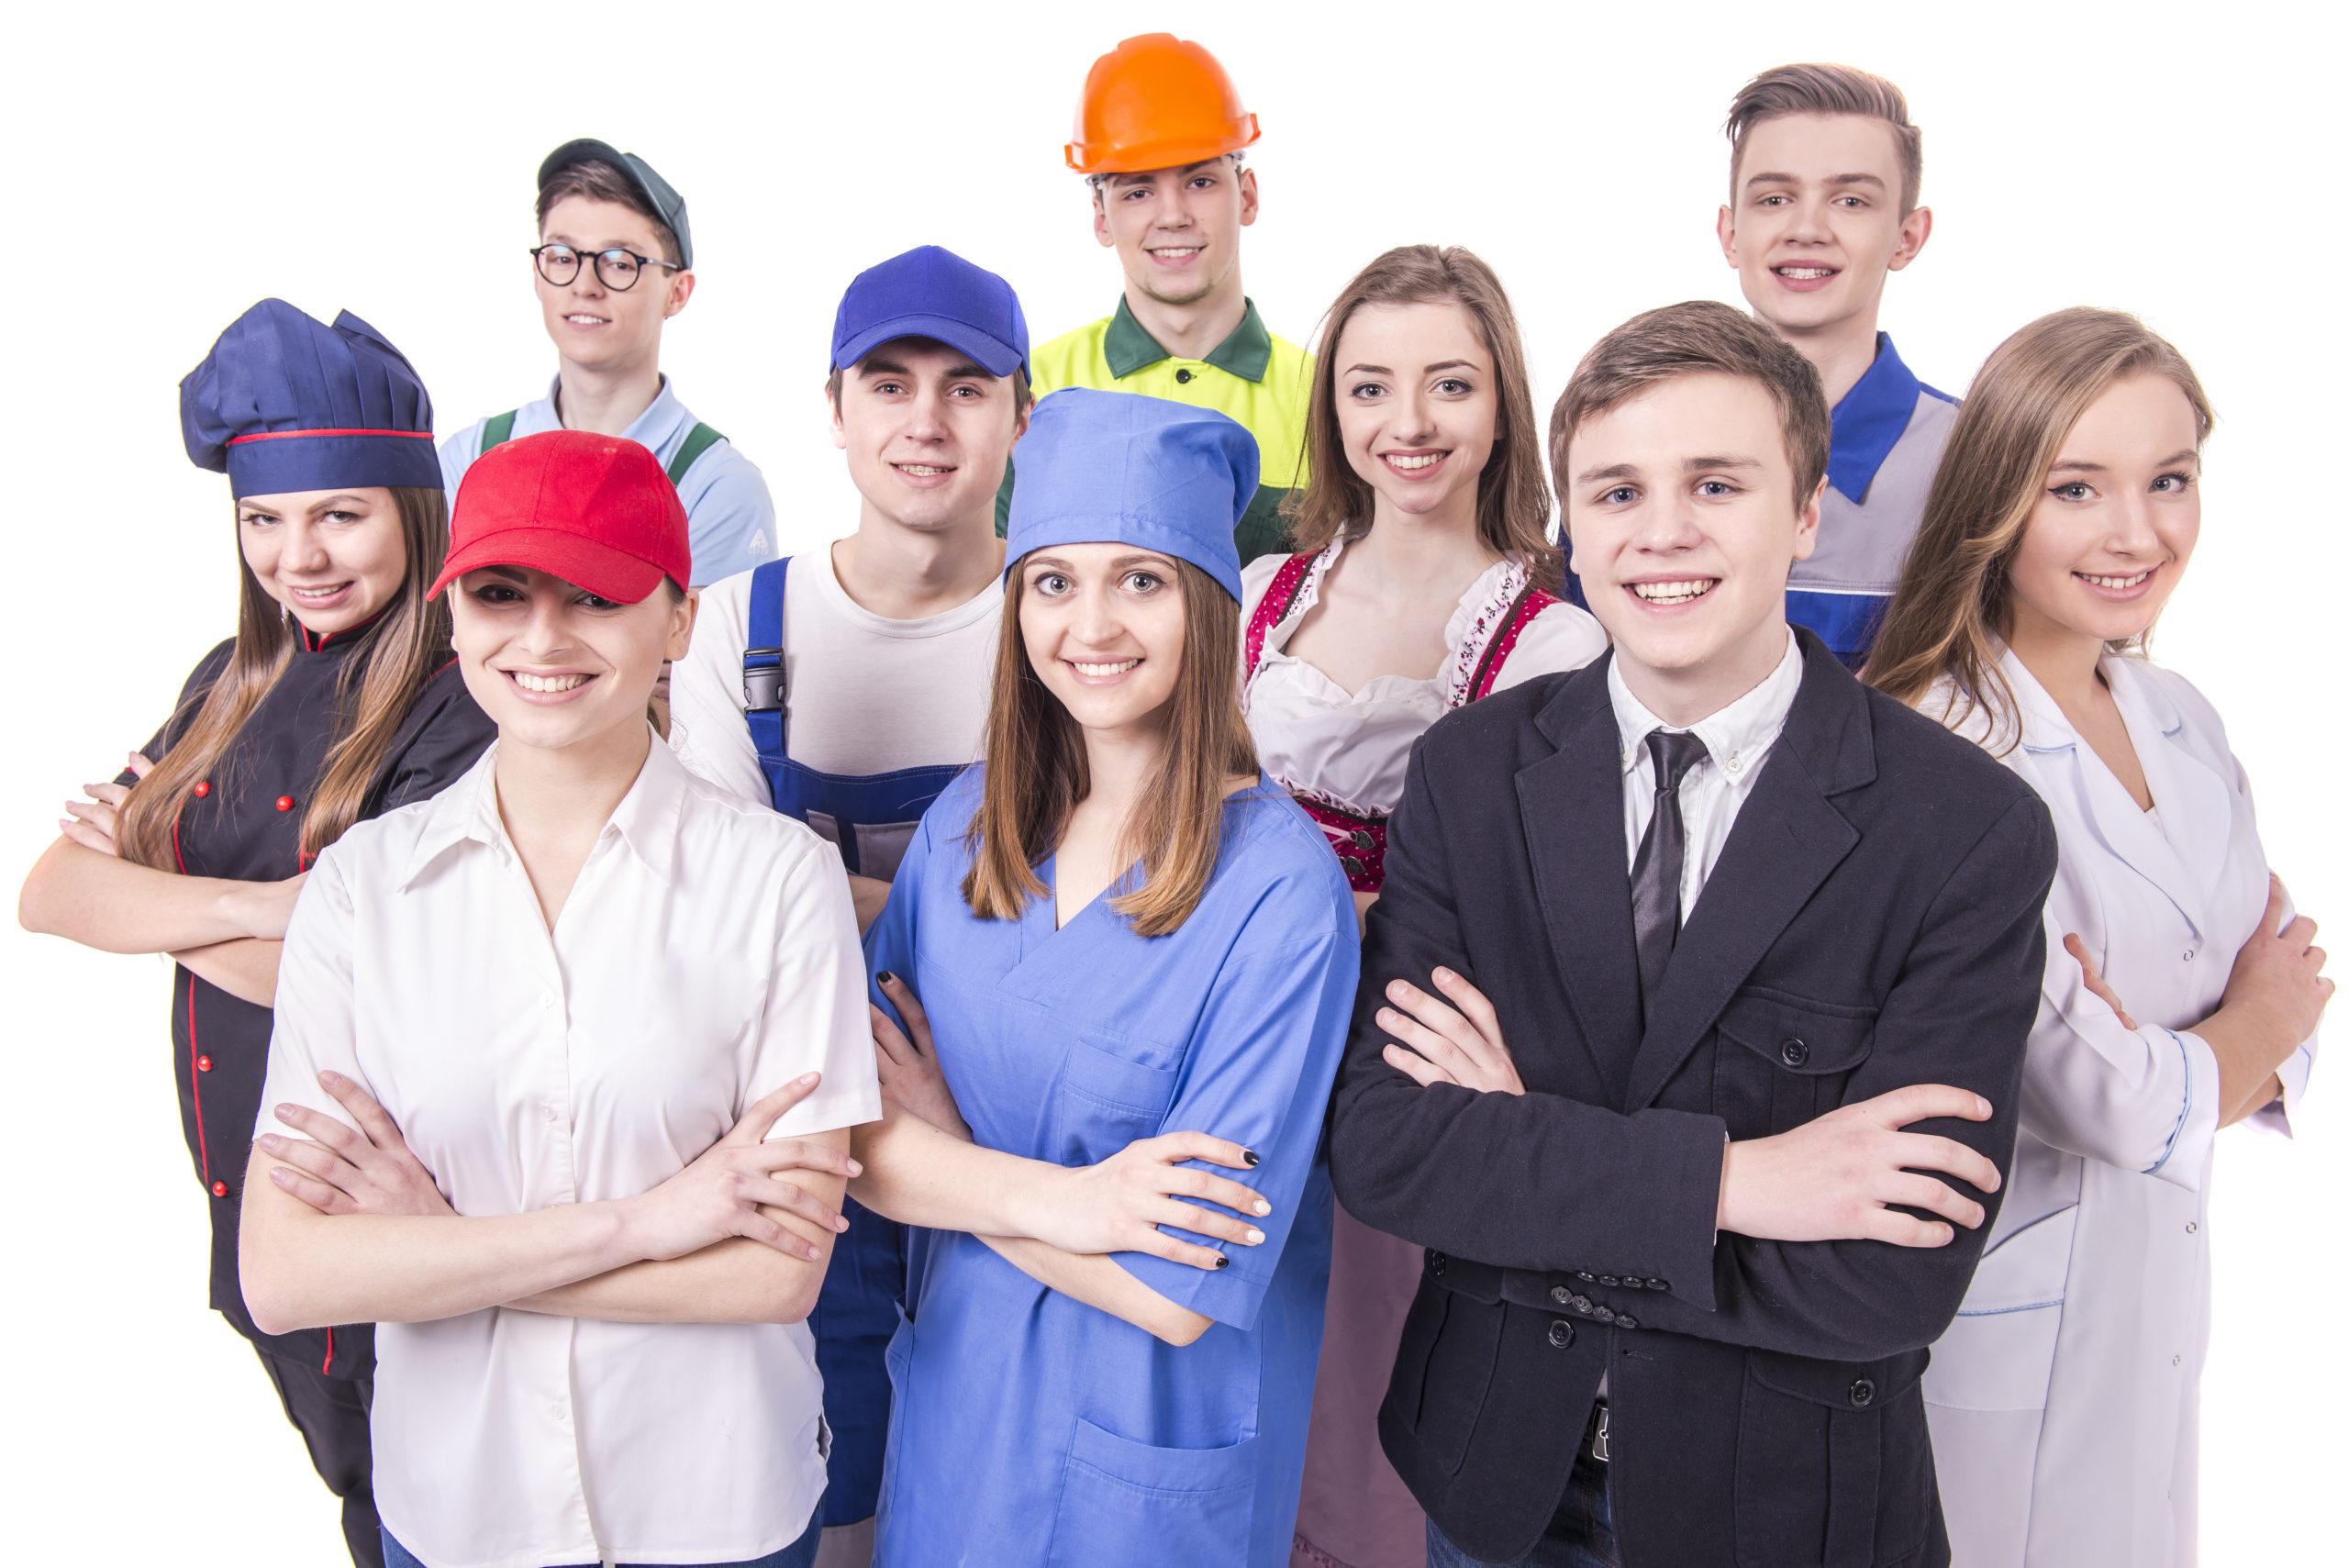 Выпускников и молодых специалистов приглашают трудоустроиться по специальности